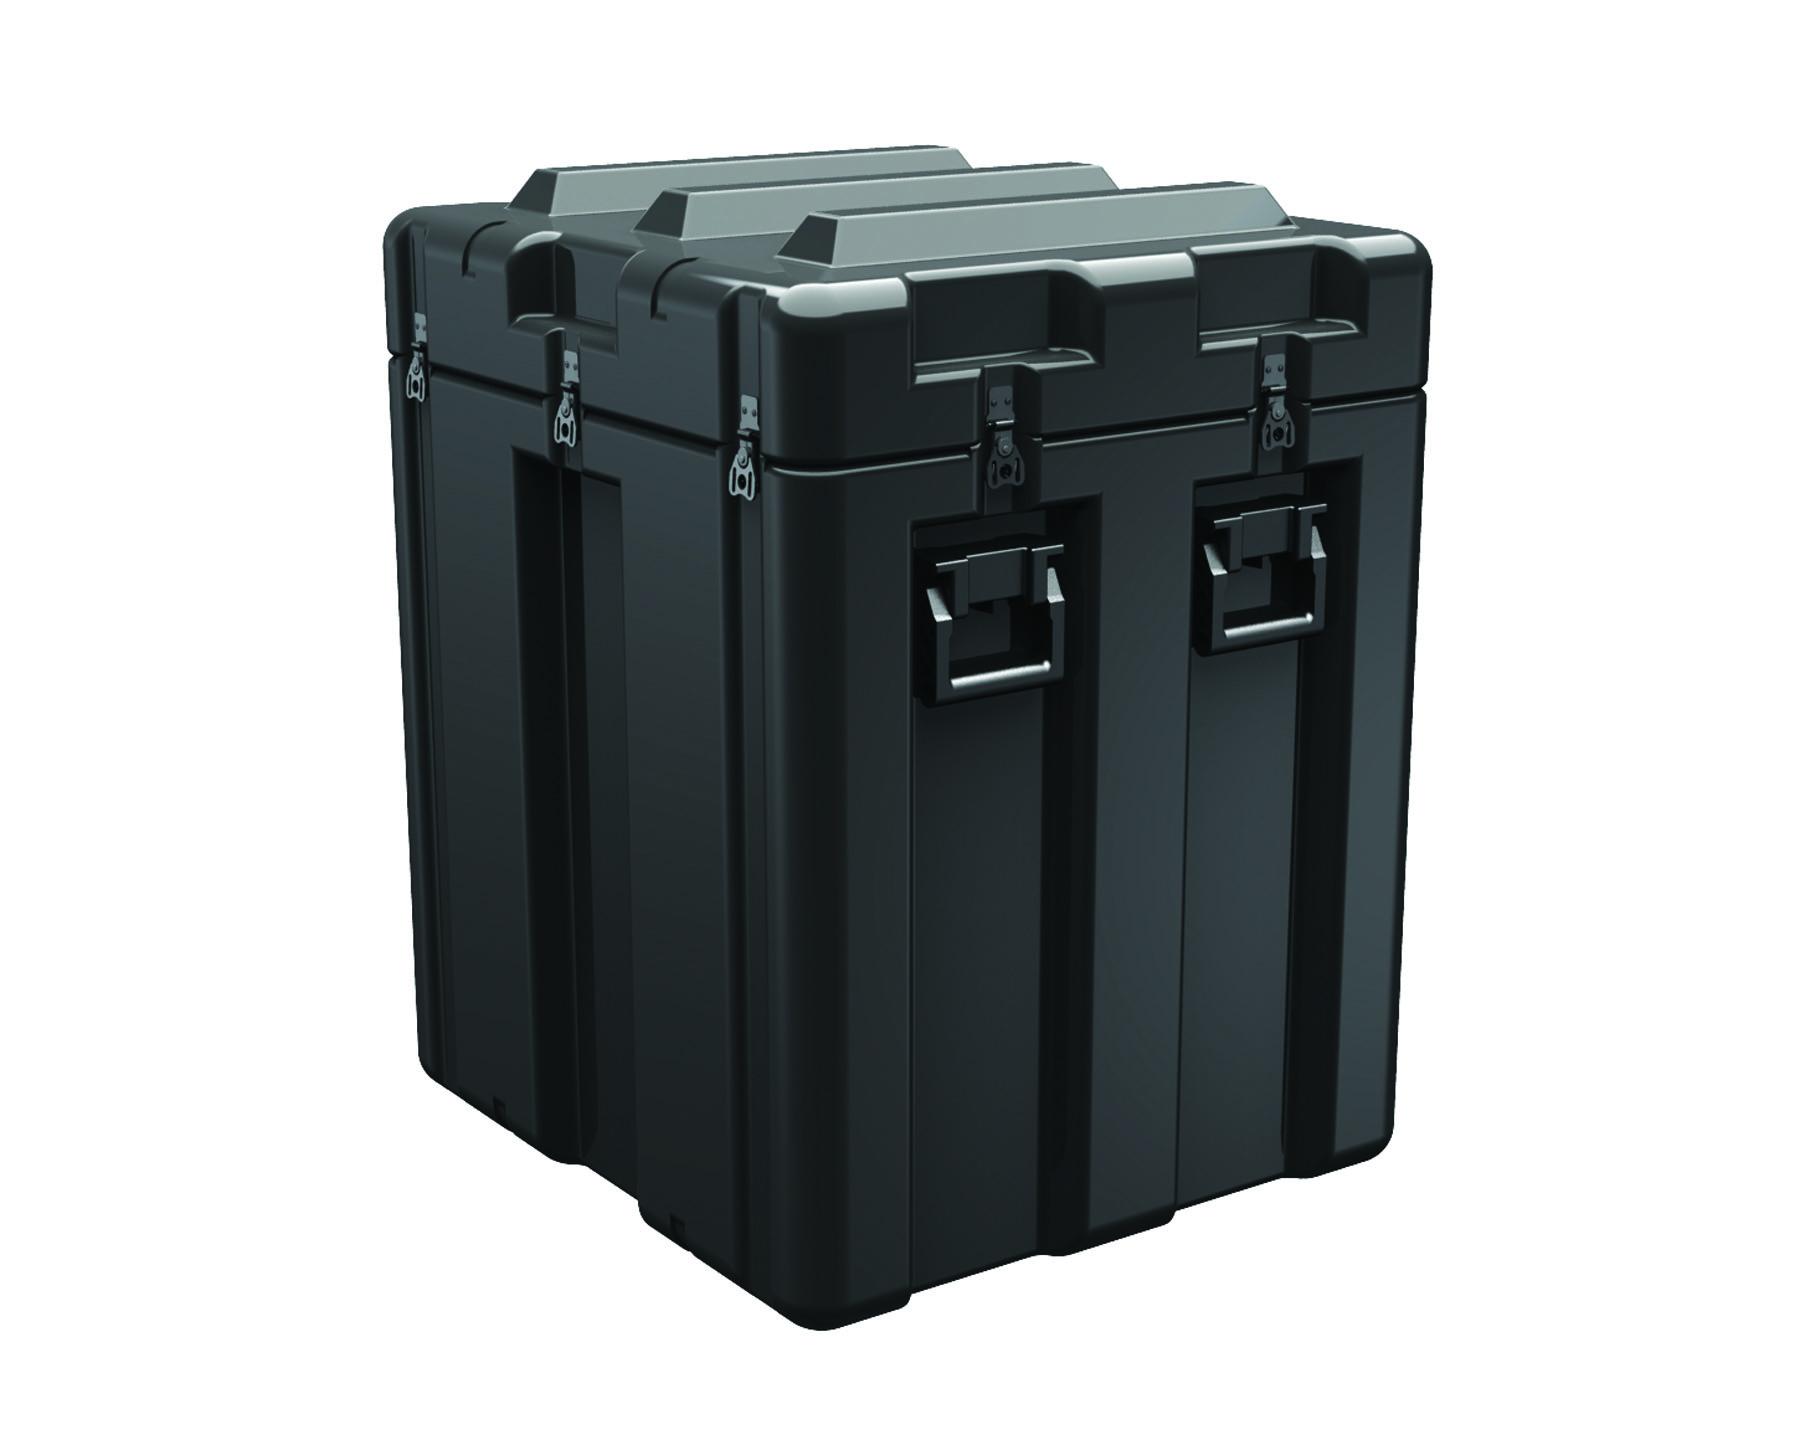 AL2624-2705 - AL2624-2705 Transport Case Single Lid   CasesTSA